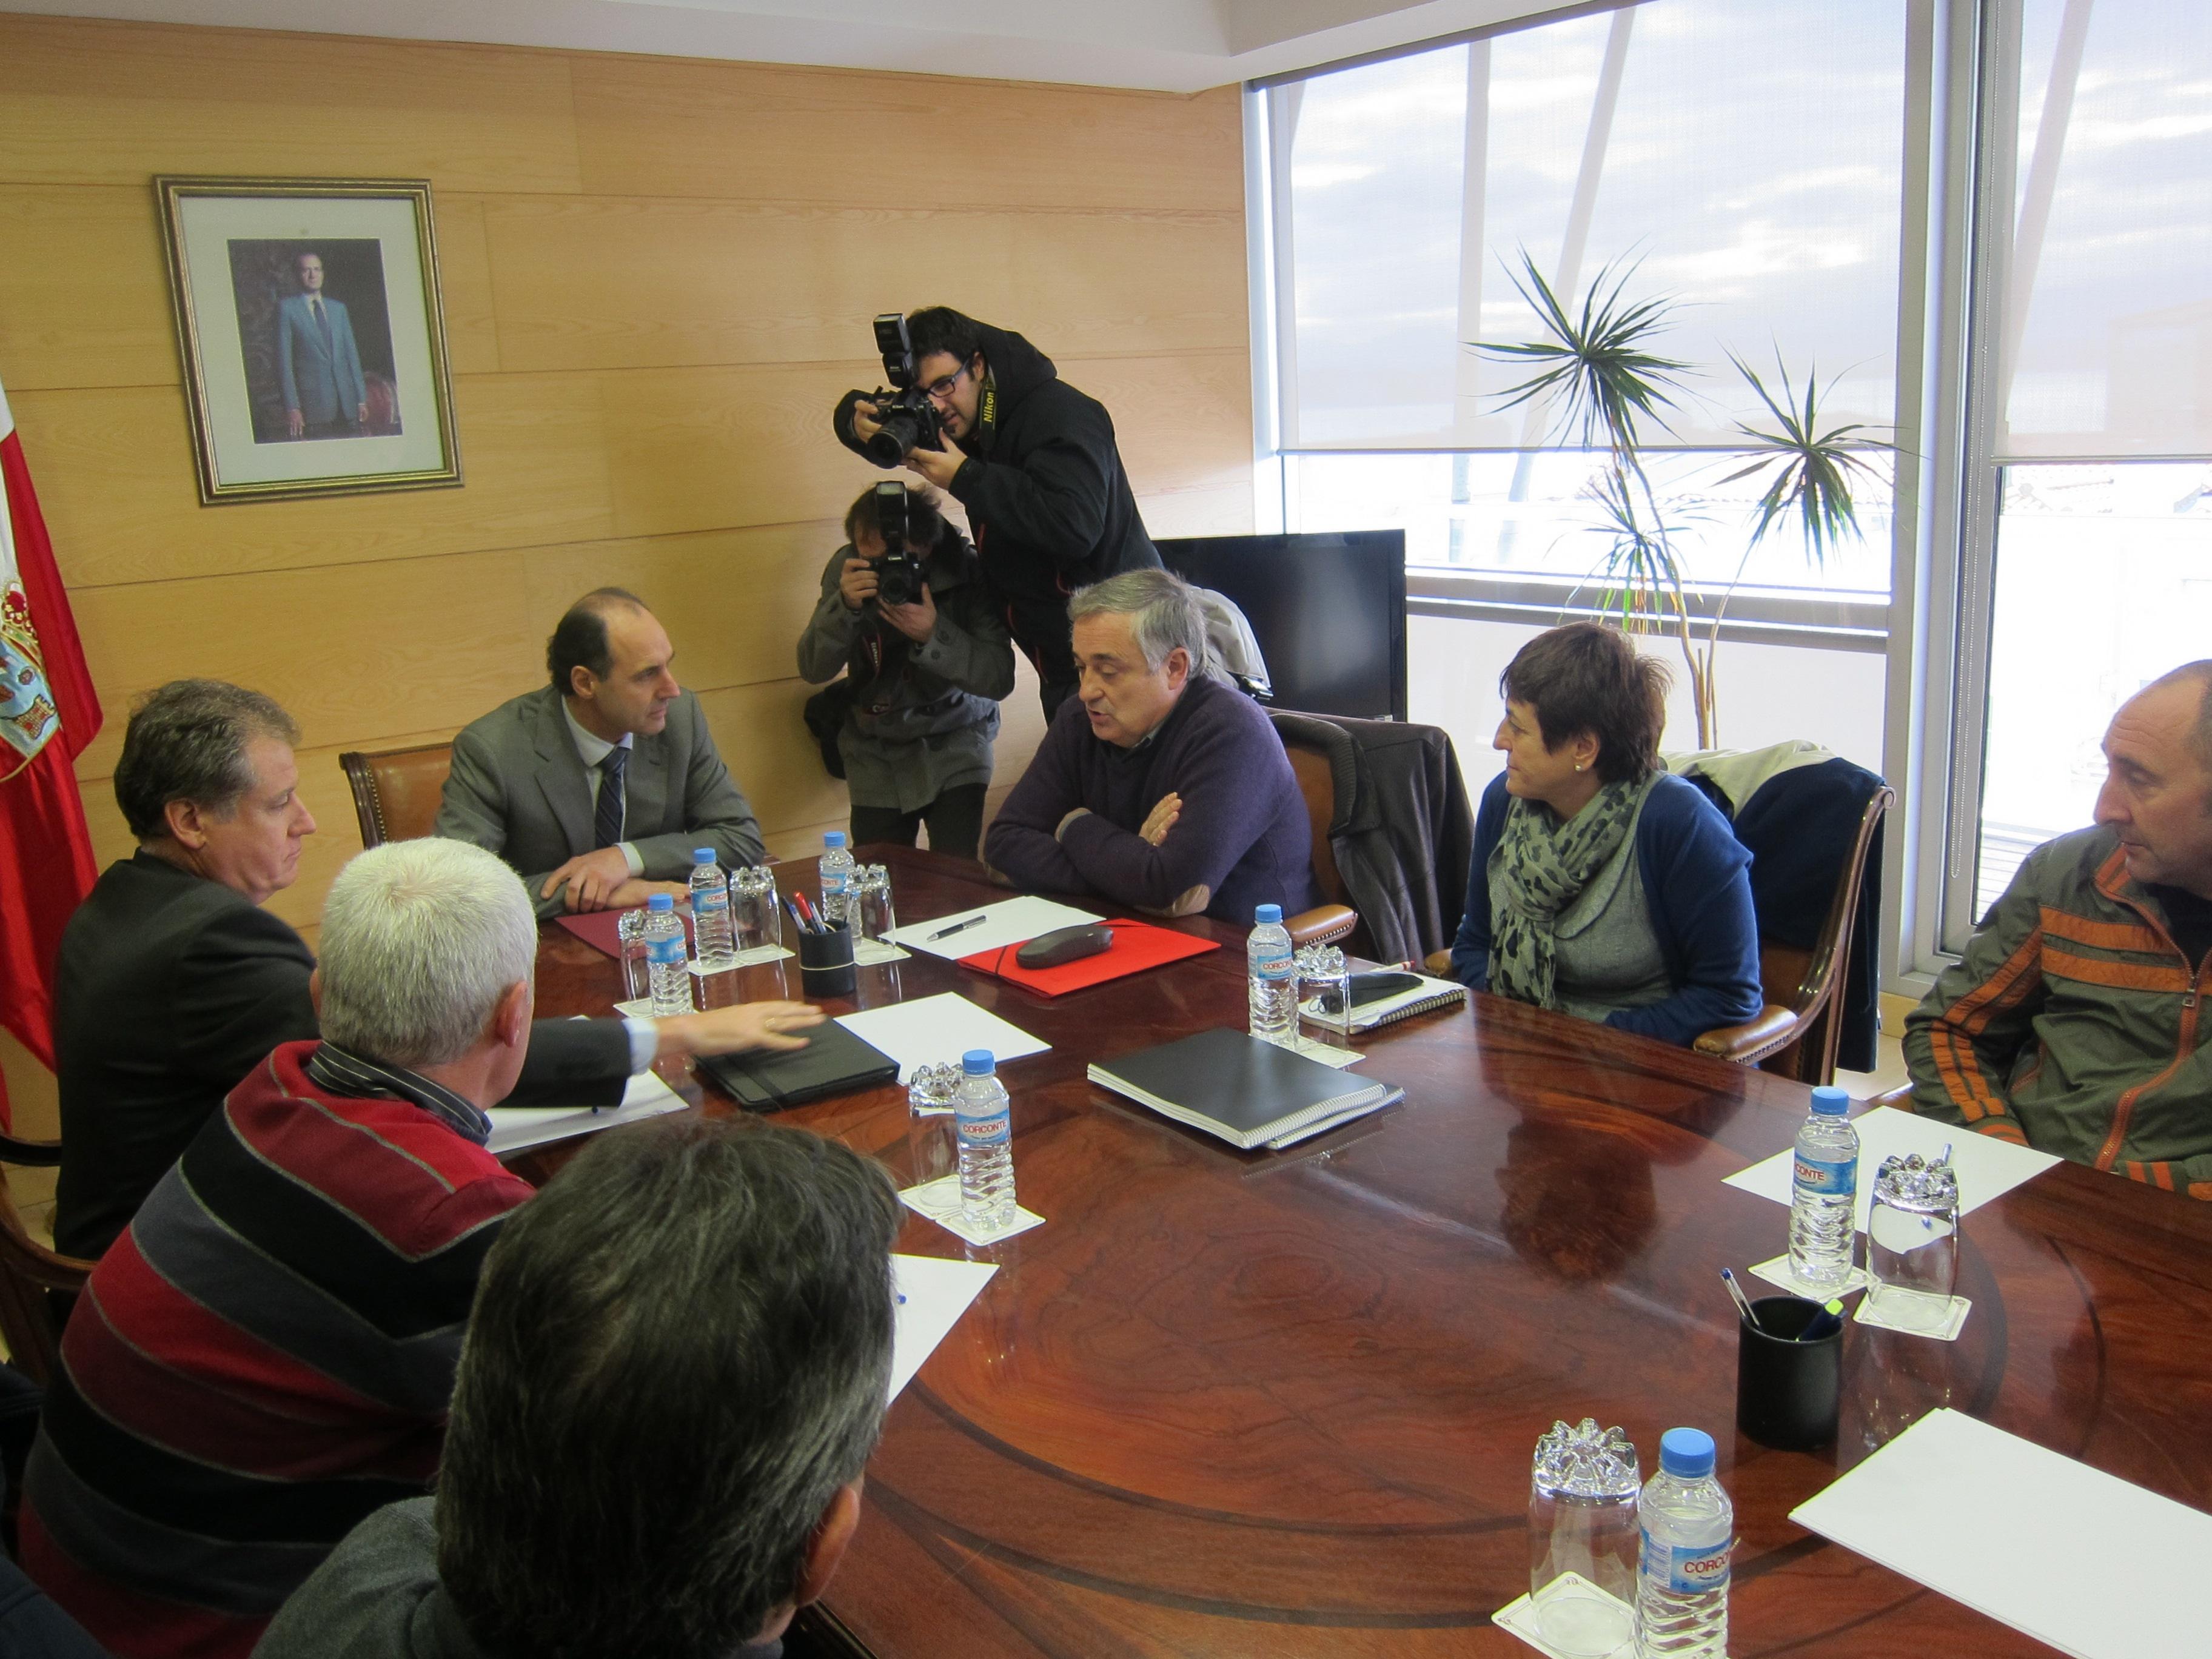 (Amp.) El presidente de Cantabria insiste en que la solución de Sniace depende «exclusivamente» de la empresa